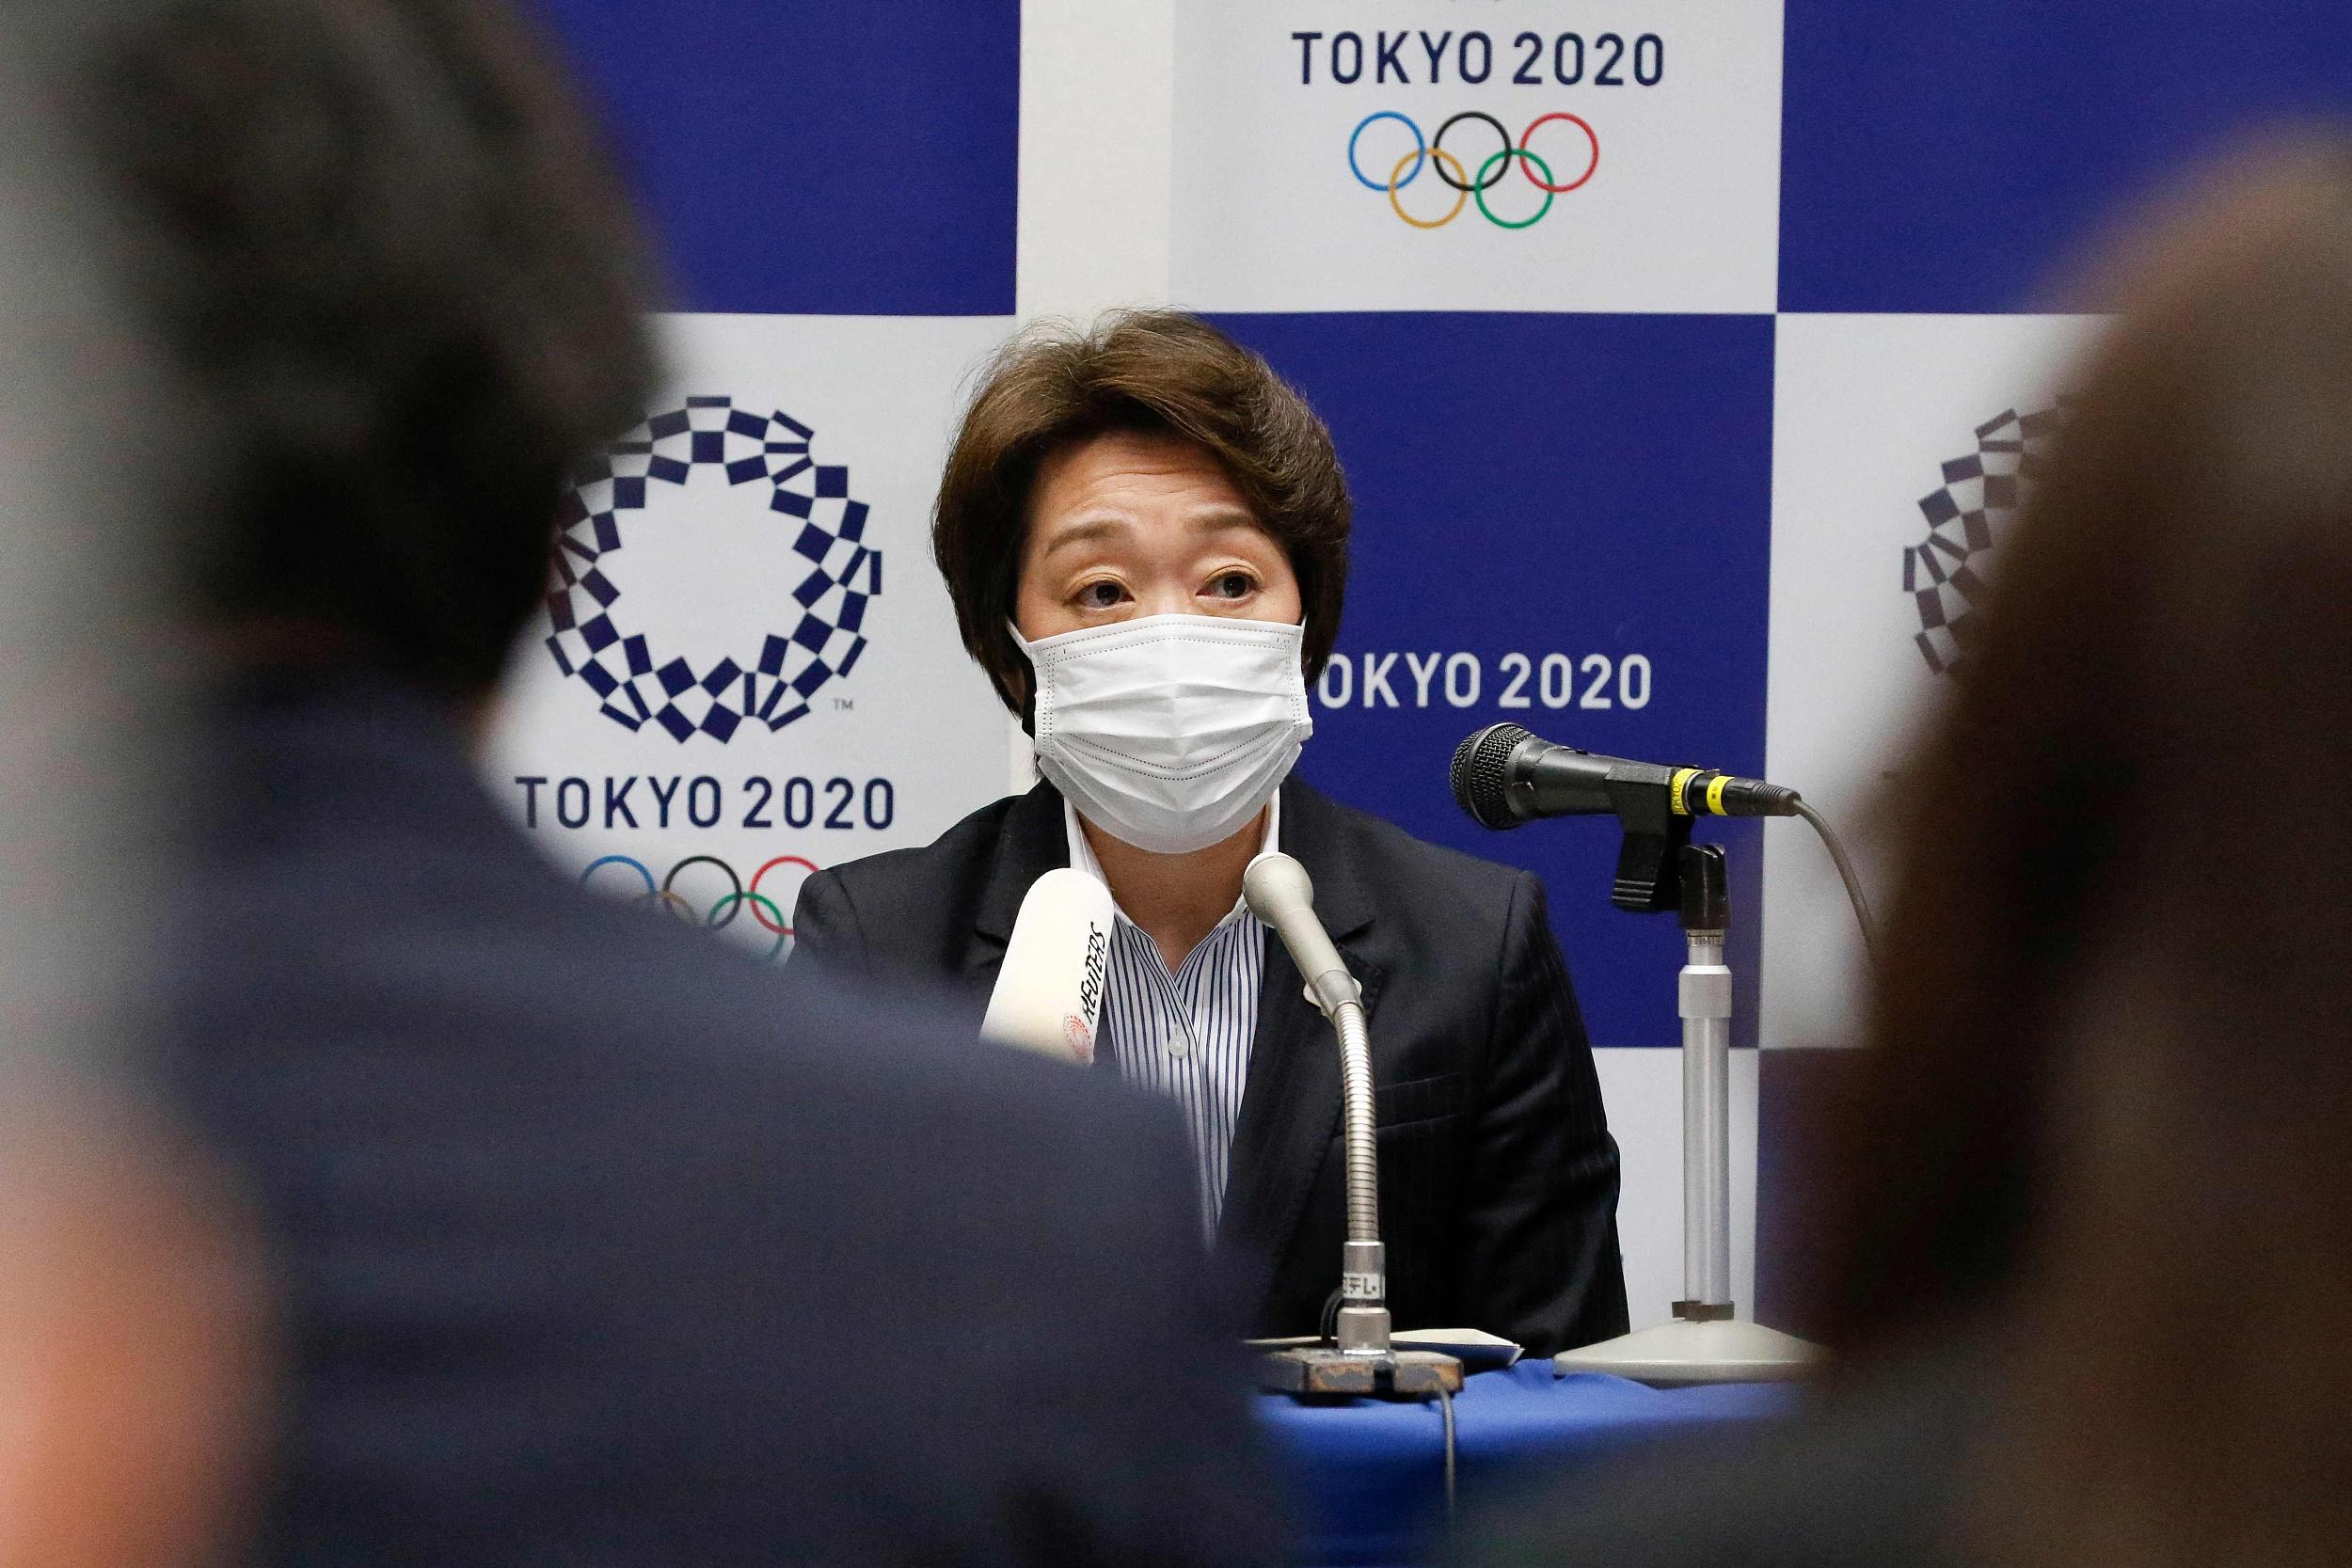 okex交易平台:性别歧视风波后努力挽救形象,东京奥运鼓励设置男女两名旗手